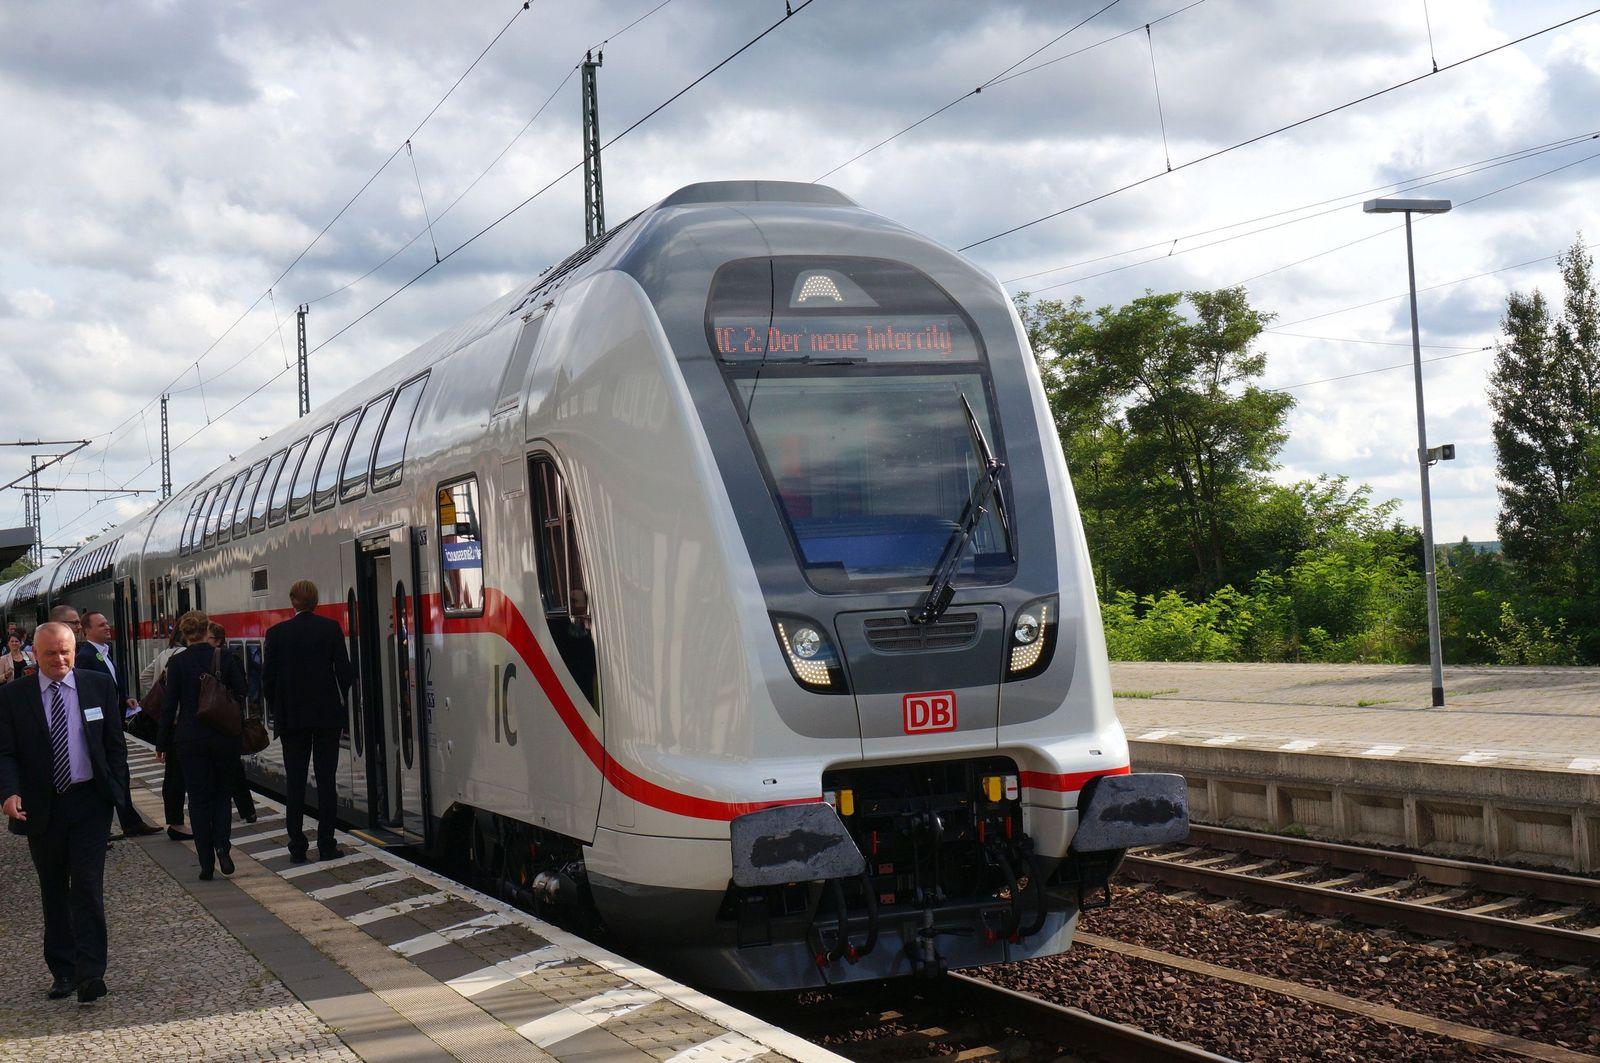 Neuer Intercity-Zug vorgestellt